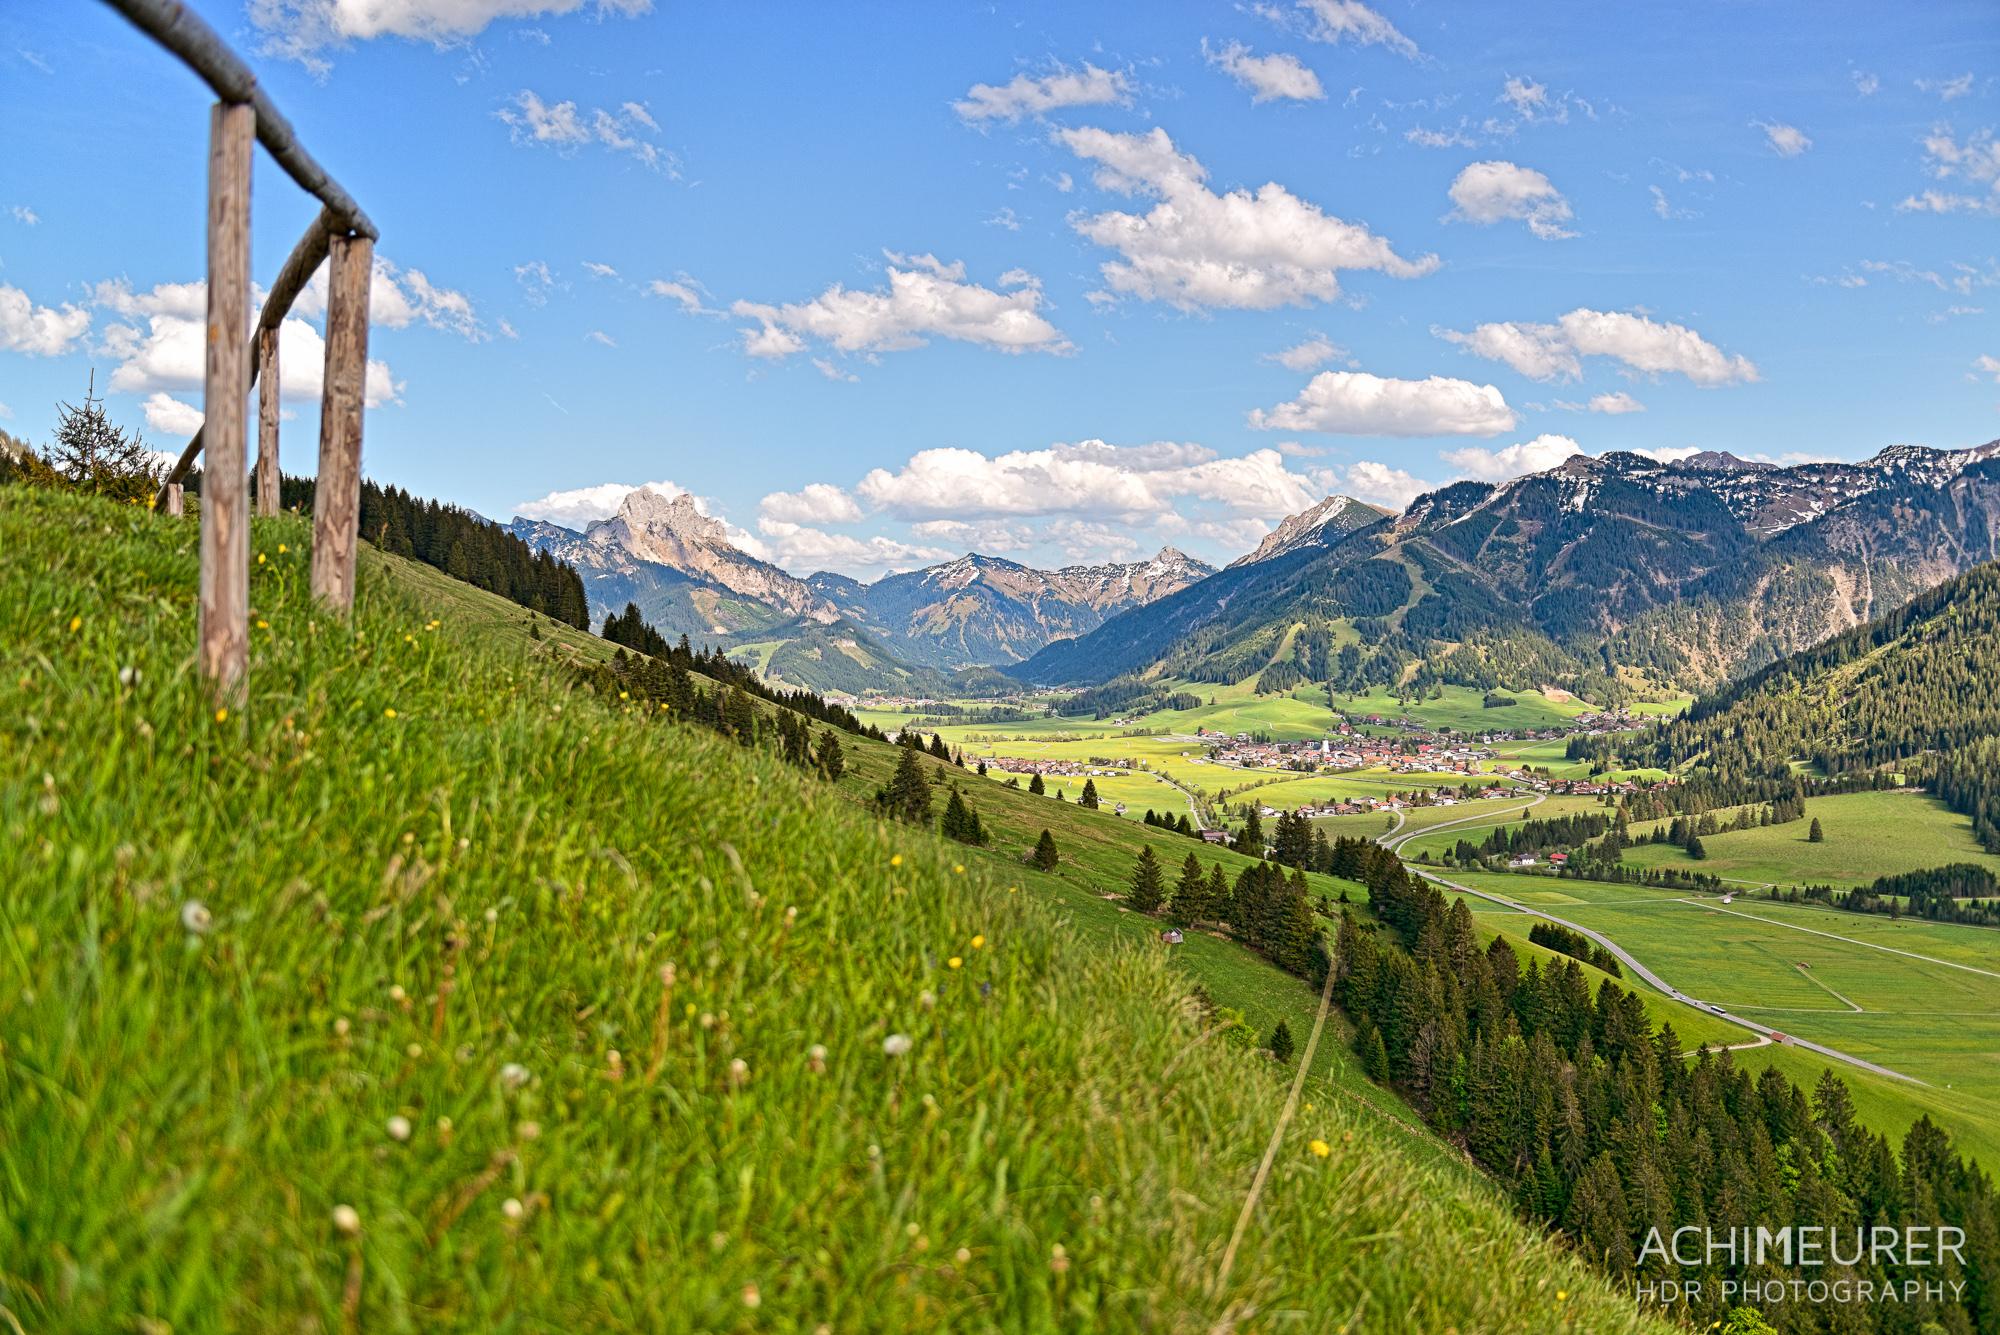 Tannheimer-Tal-Fruehling-Landschaft-Wiese-Blumen_2062_61_60_59_58_HDR